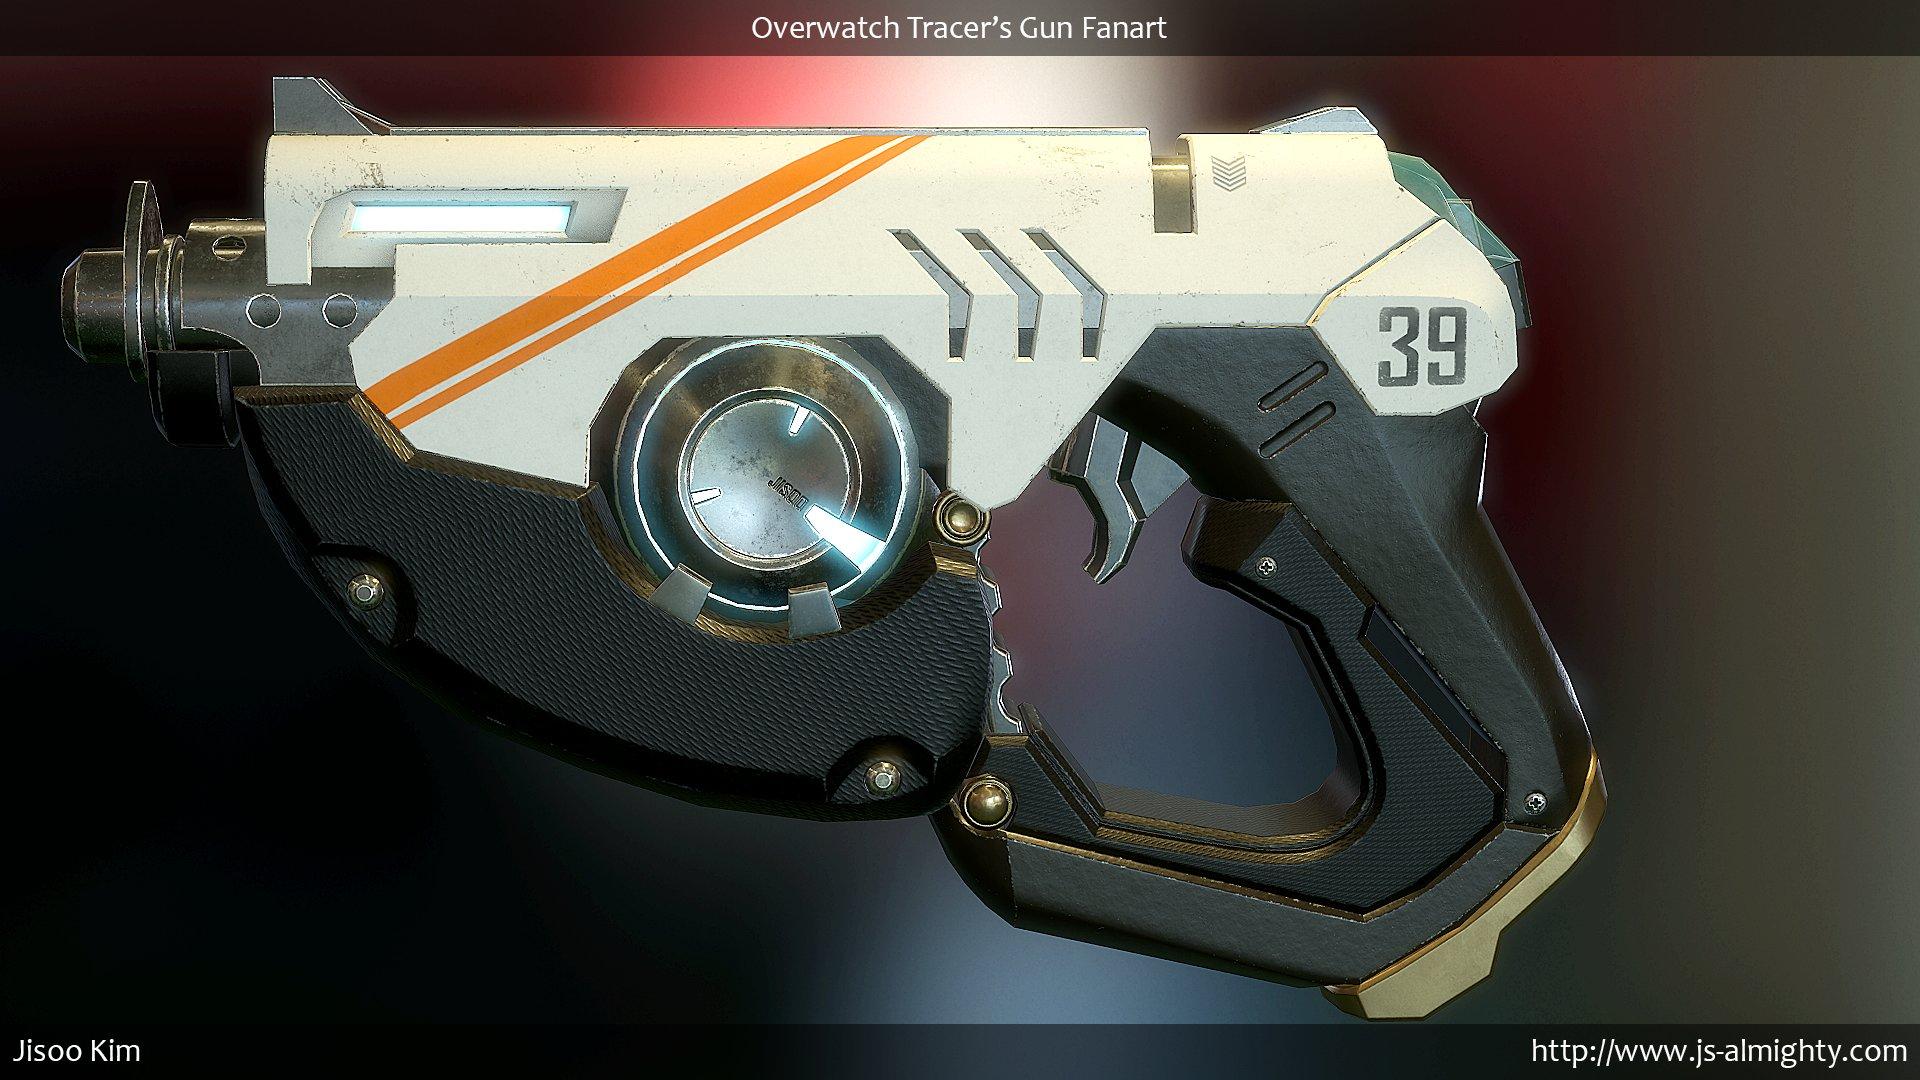 Pistol 3d Wallpaper Jisoo Kim Overwatch Tracer S Gun